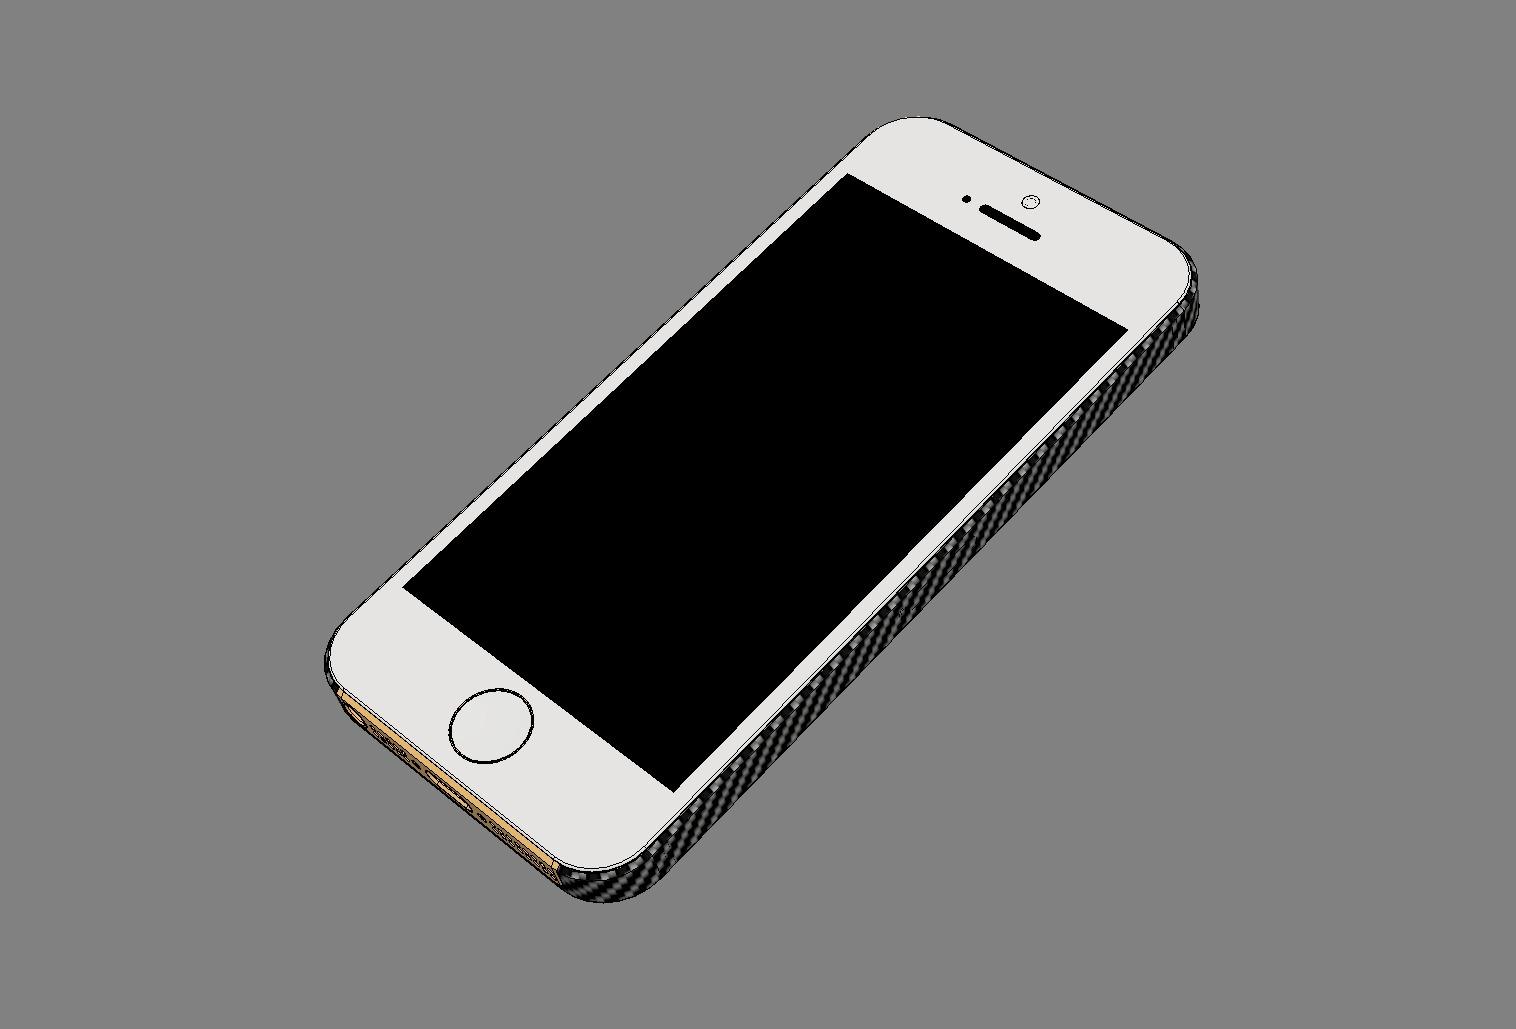 iPhone 5s Carbon Fibre Case|Autodesk Online Gallery